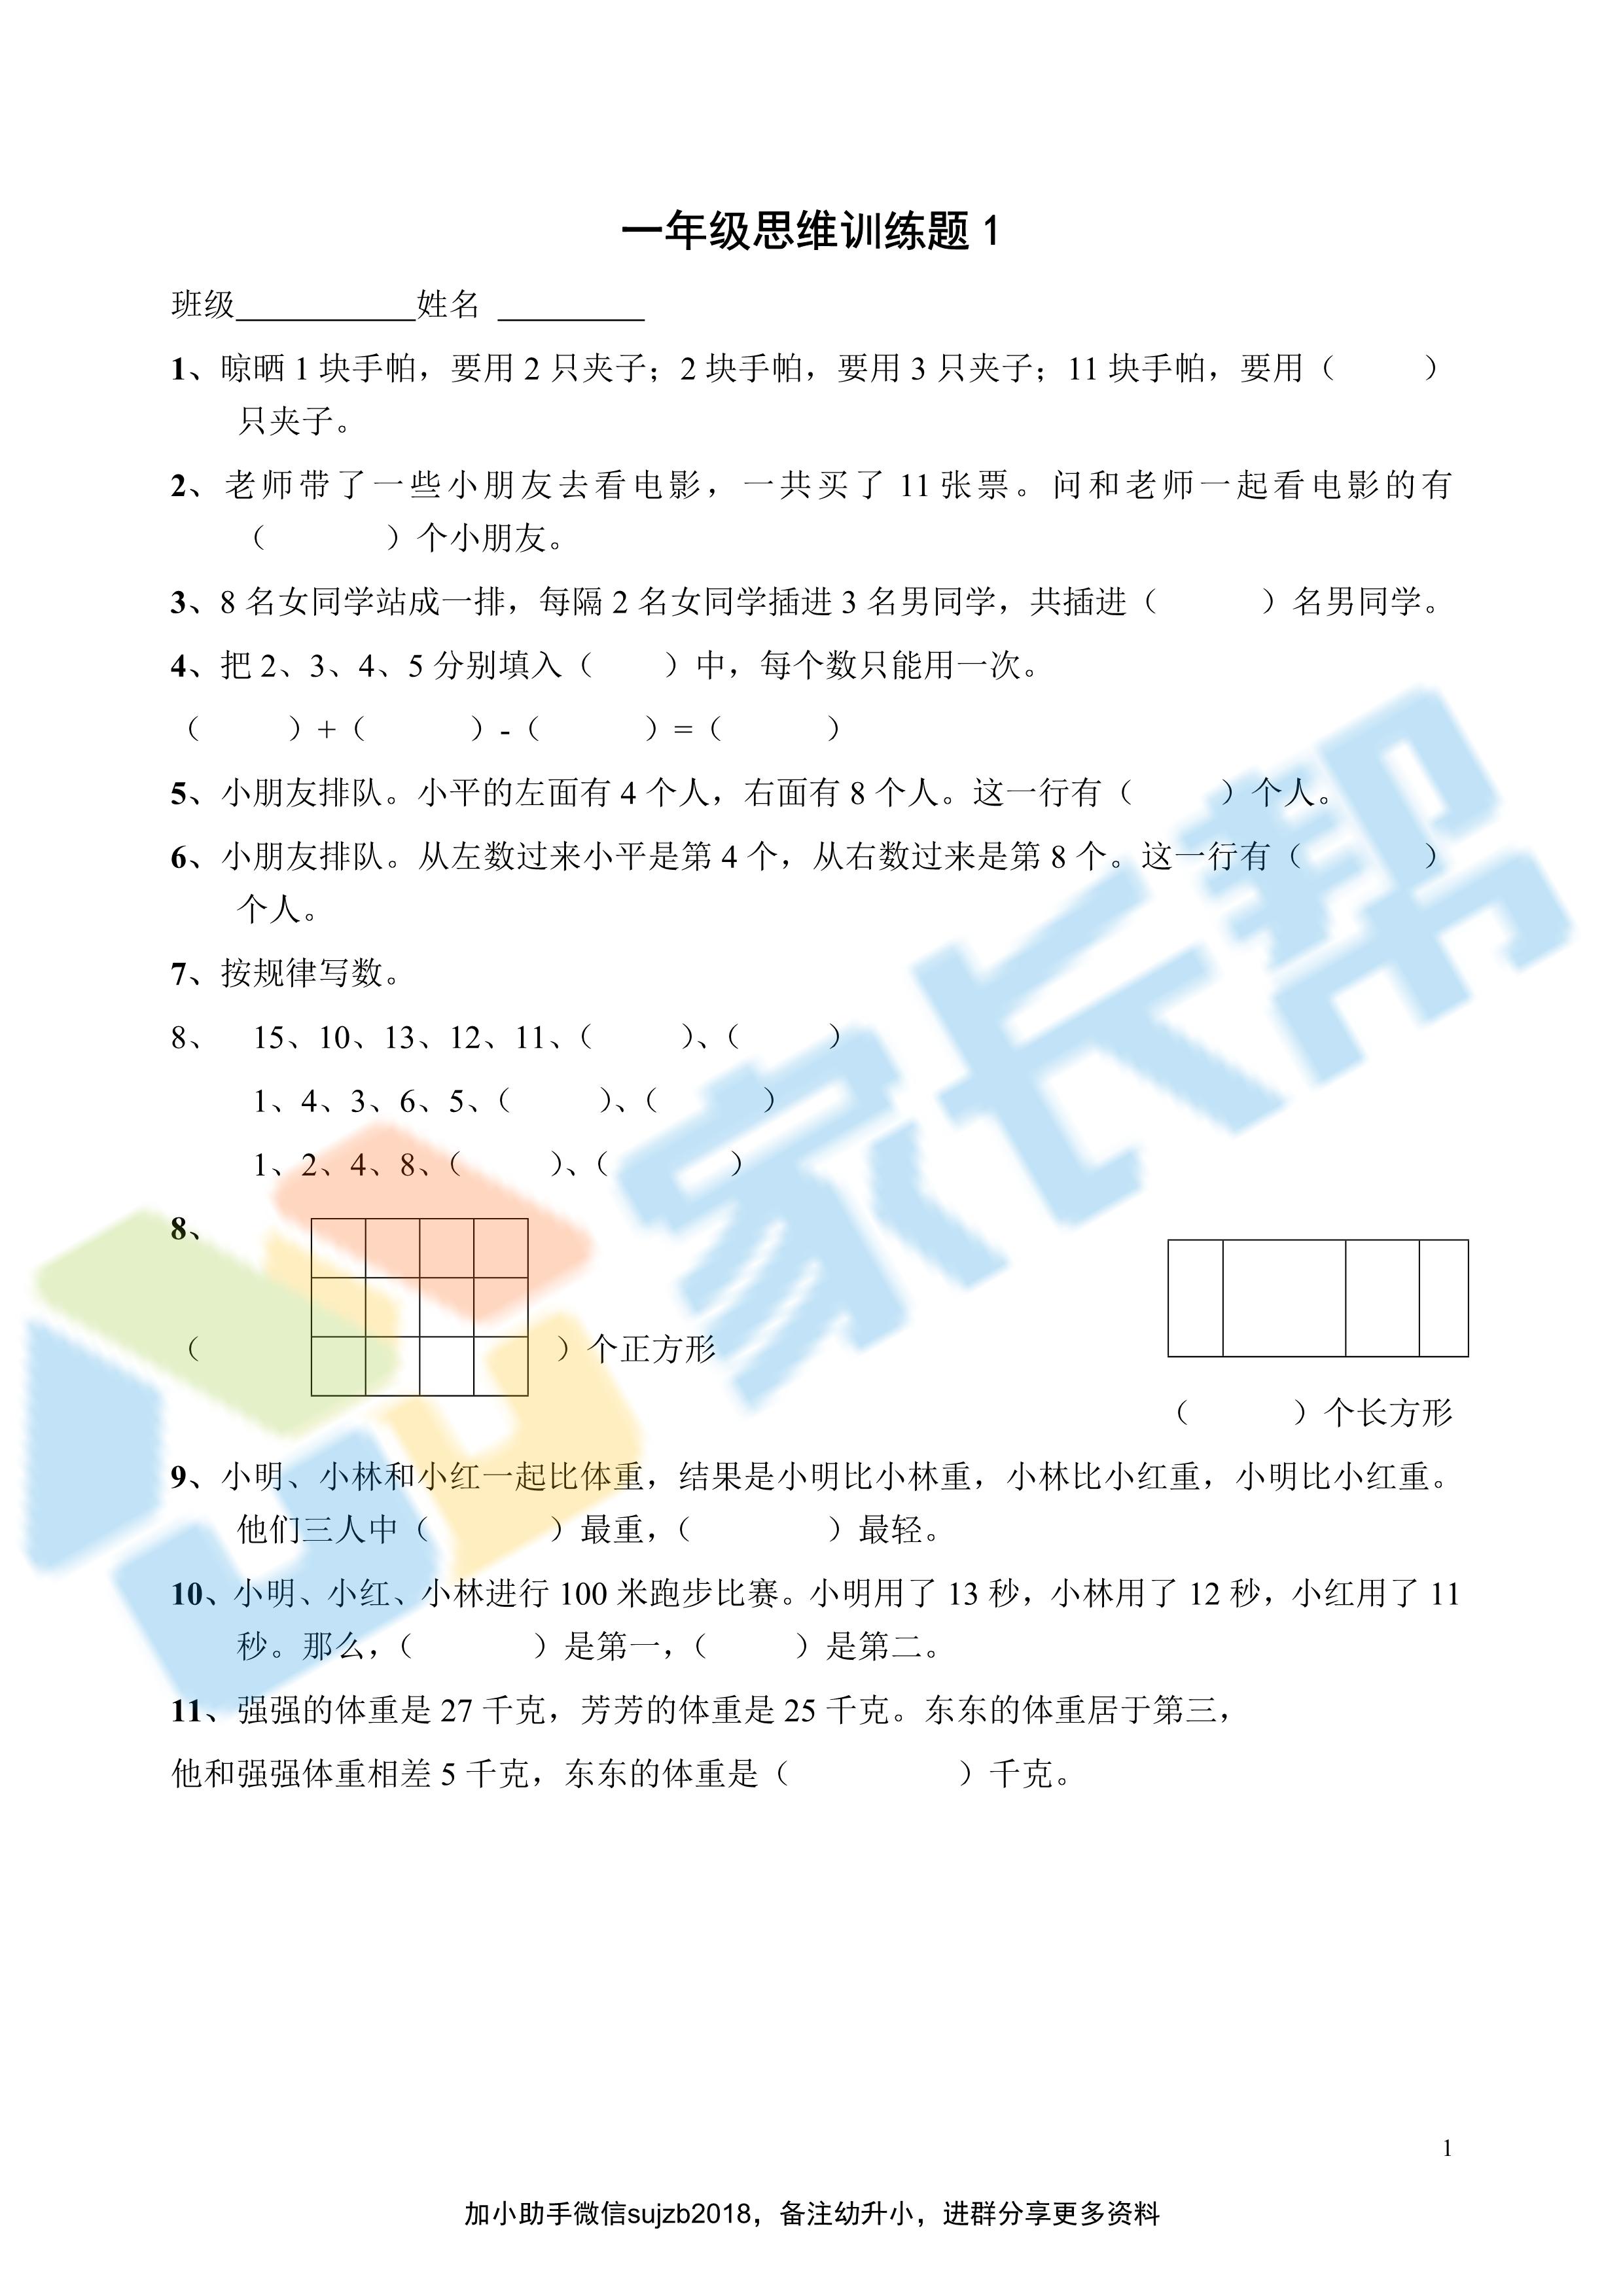 数学思维_2.jpg